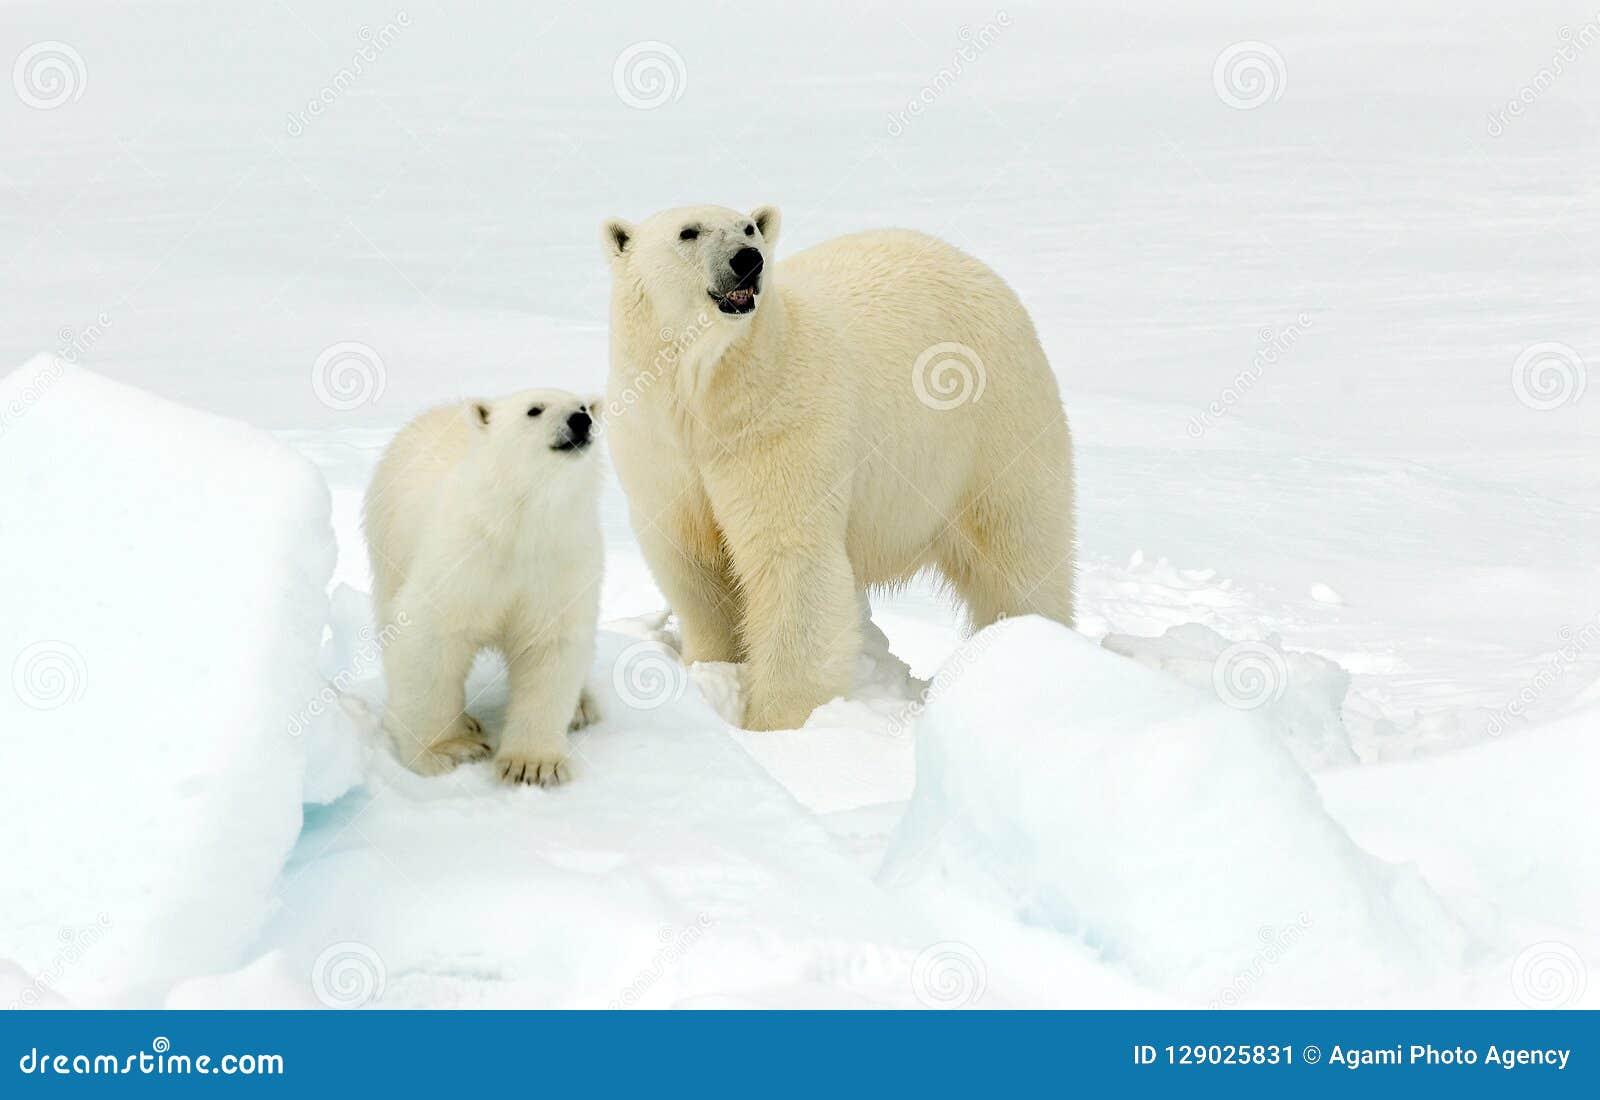 IJsbeer, Eisbär, Ursus maritimus